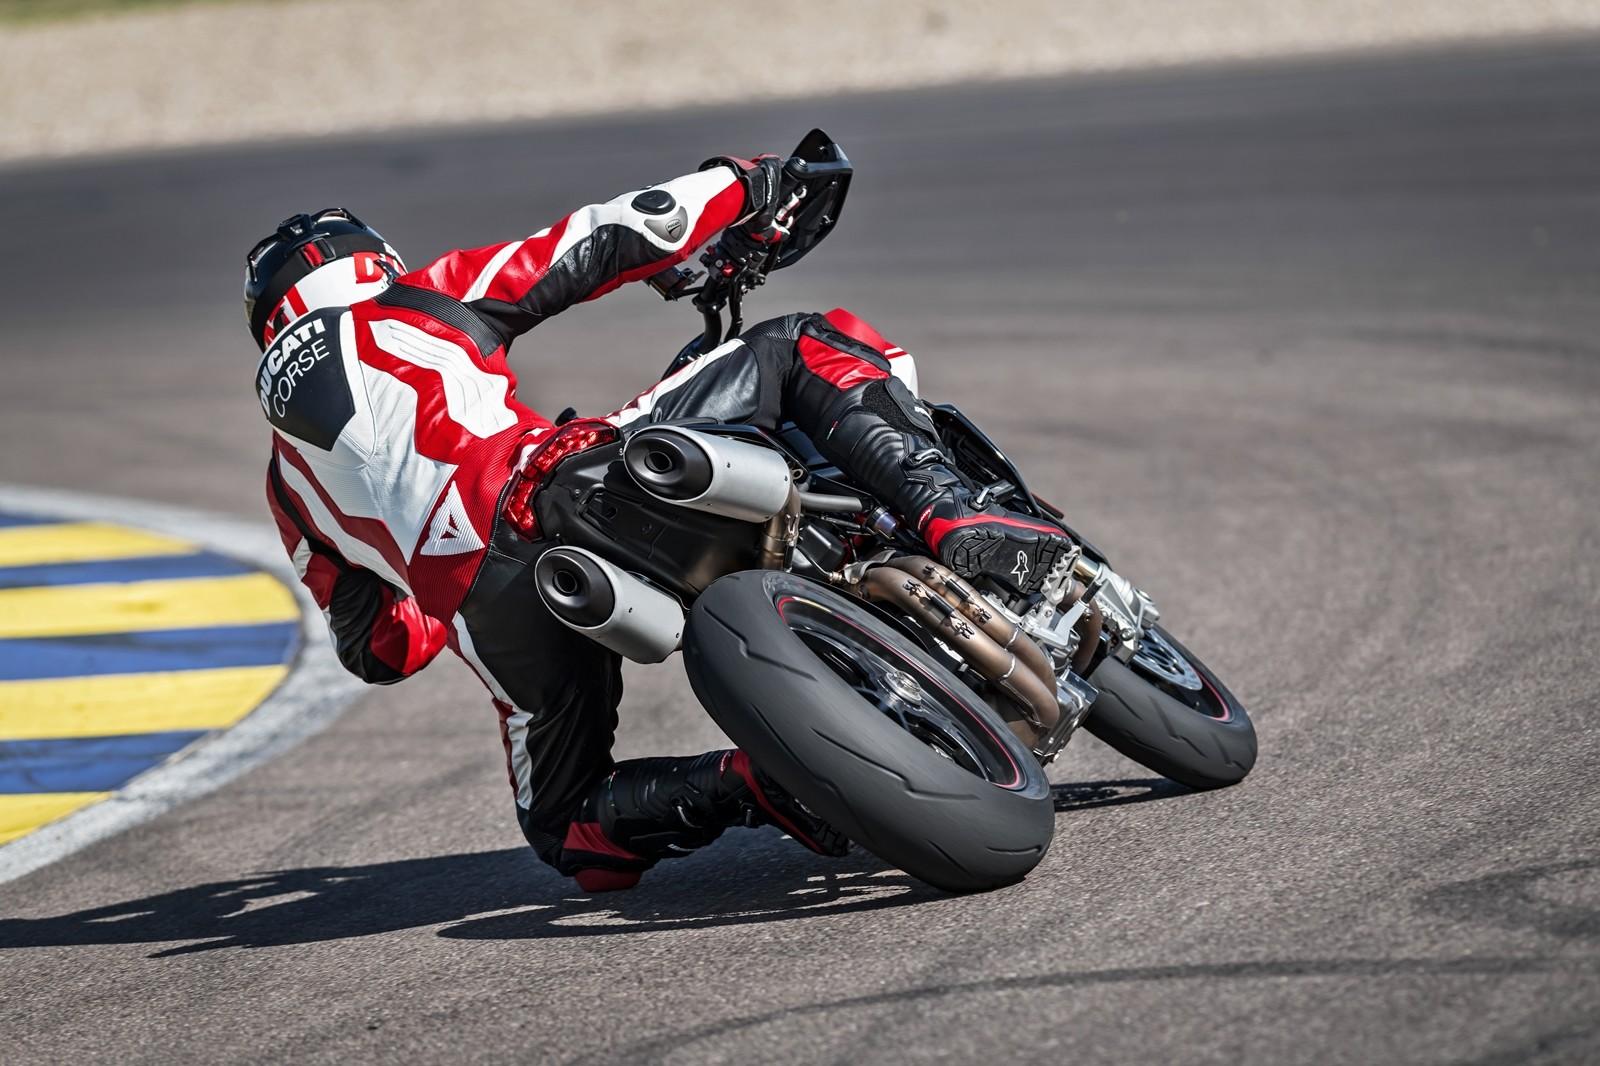 Foto de Ducati Hypermotard 950 2019 (16/76)